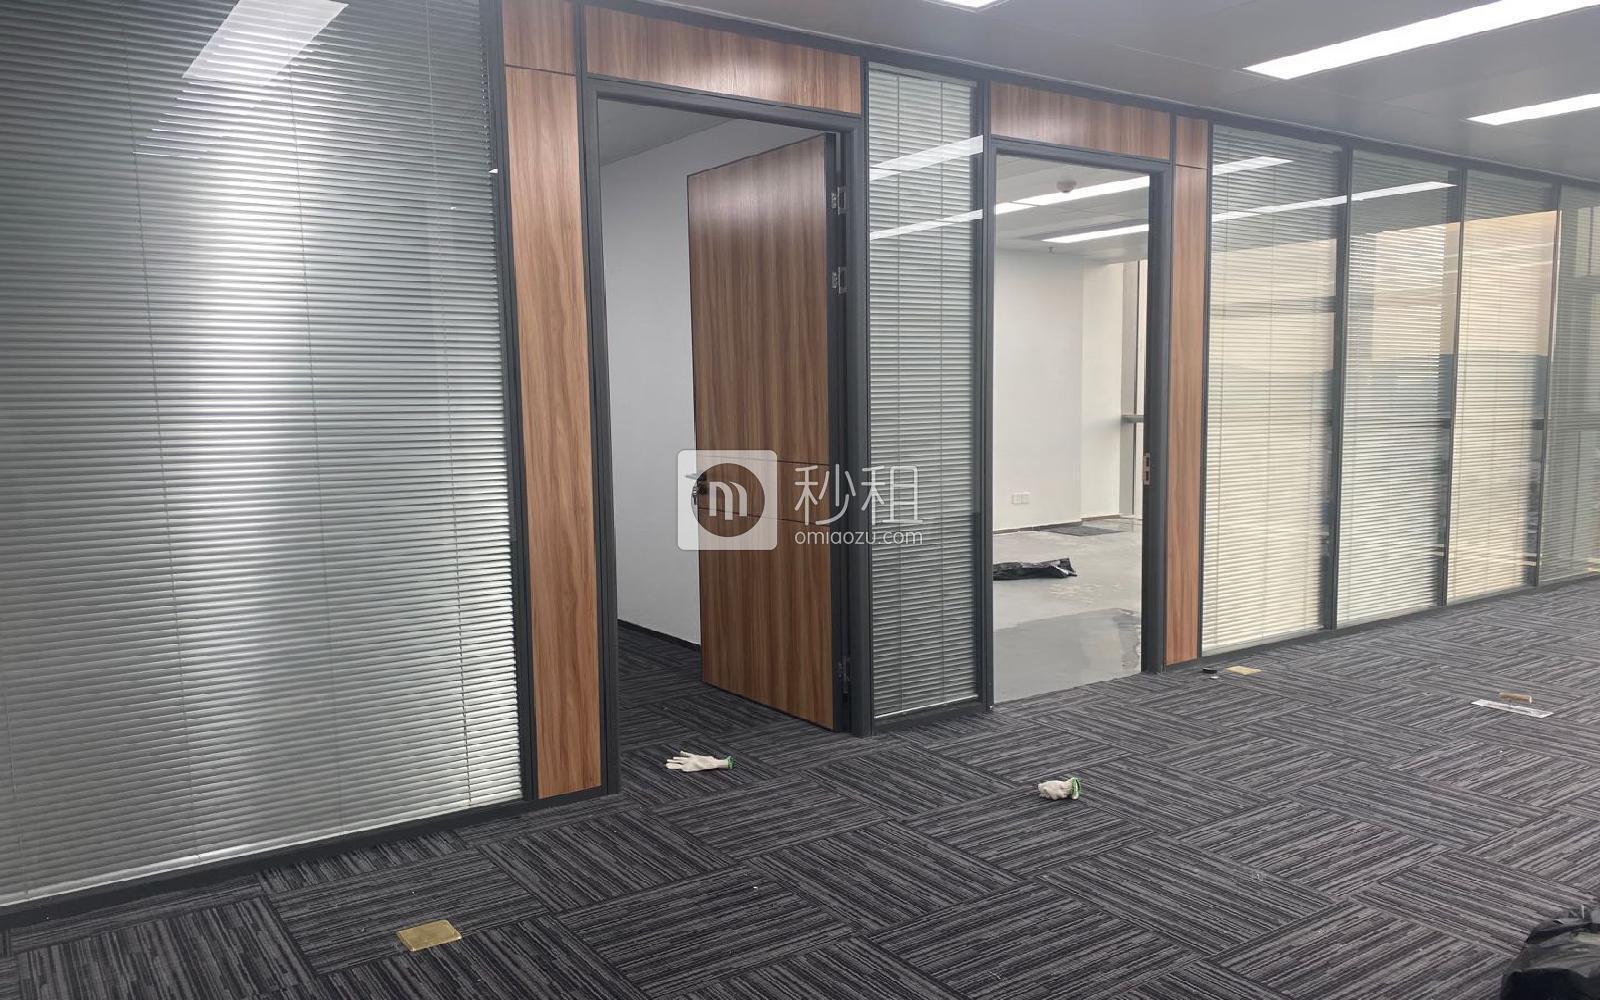 南山西丽【众冠时代广场-尚美国际大厦】180m²户型